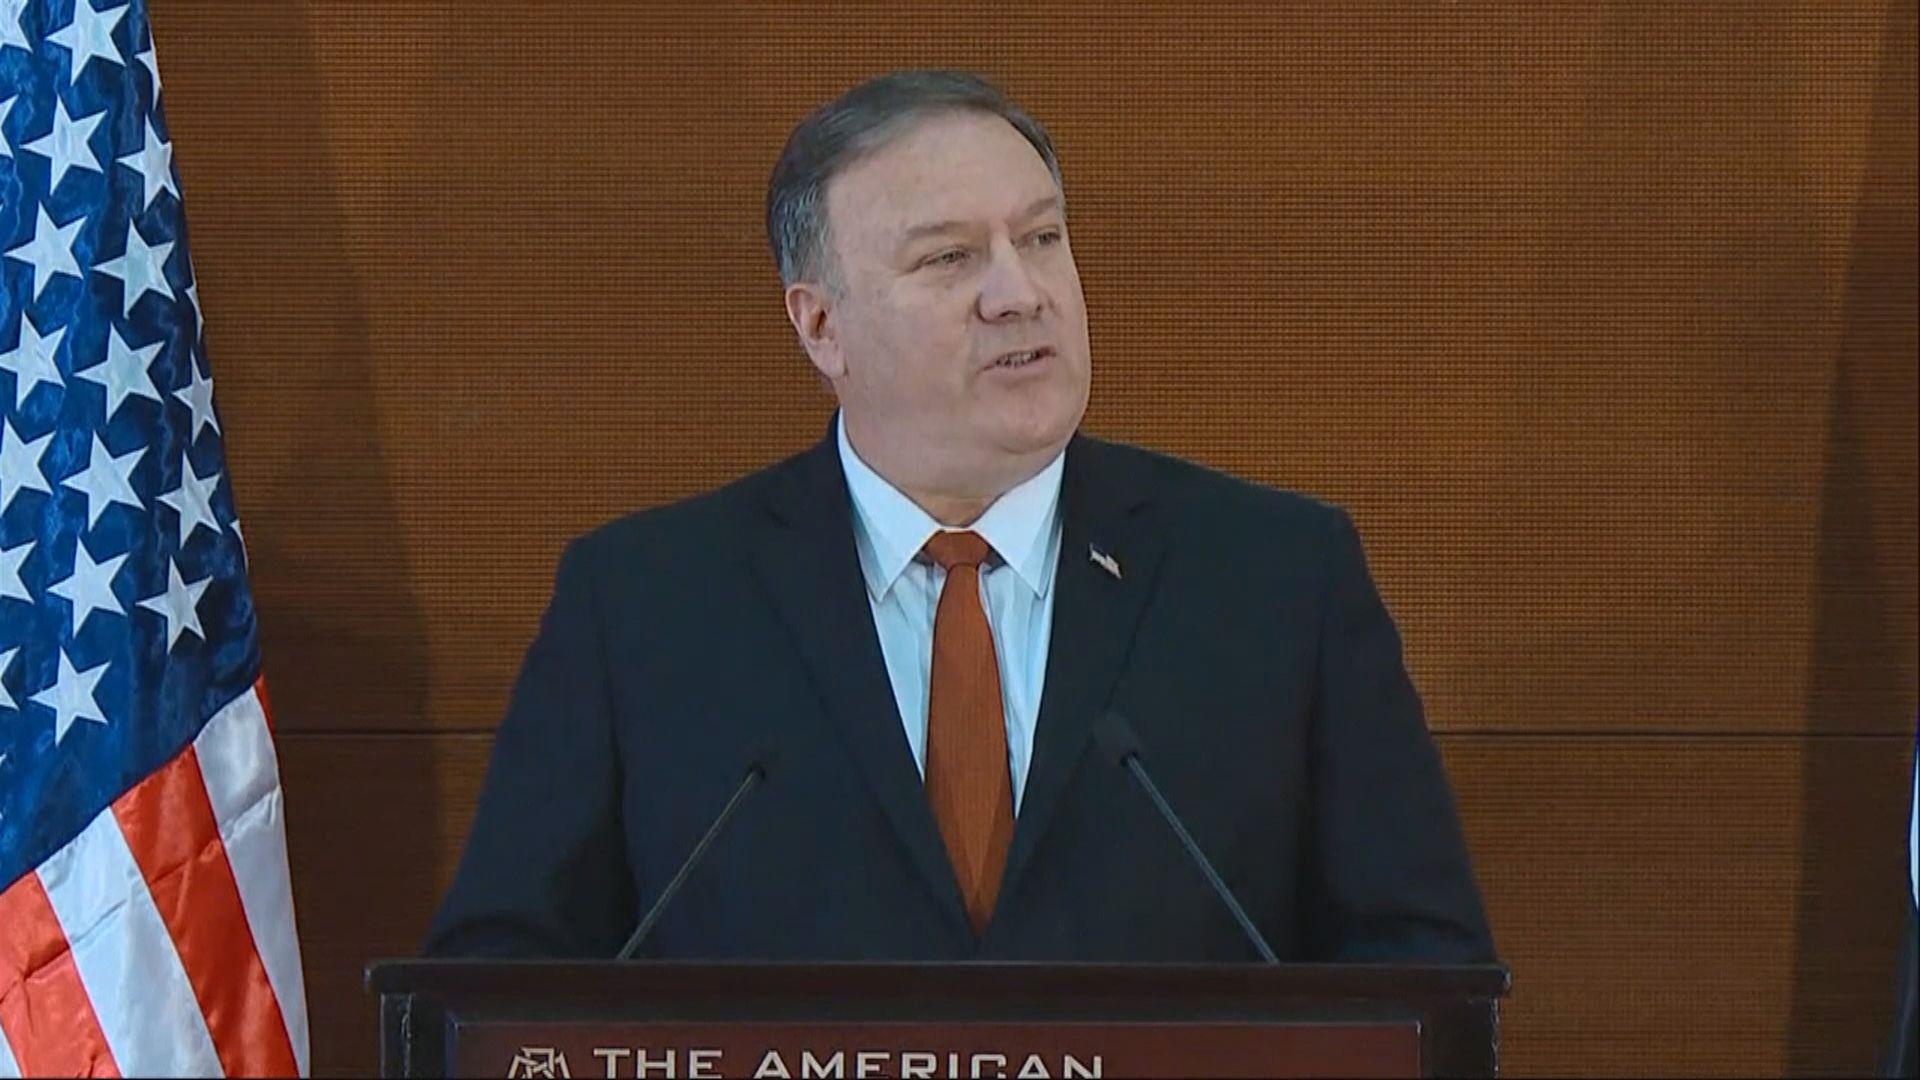 蓬佩奧承諾打擊極端主義及向伊朗施壓